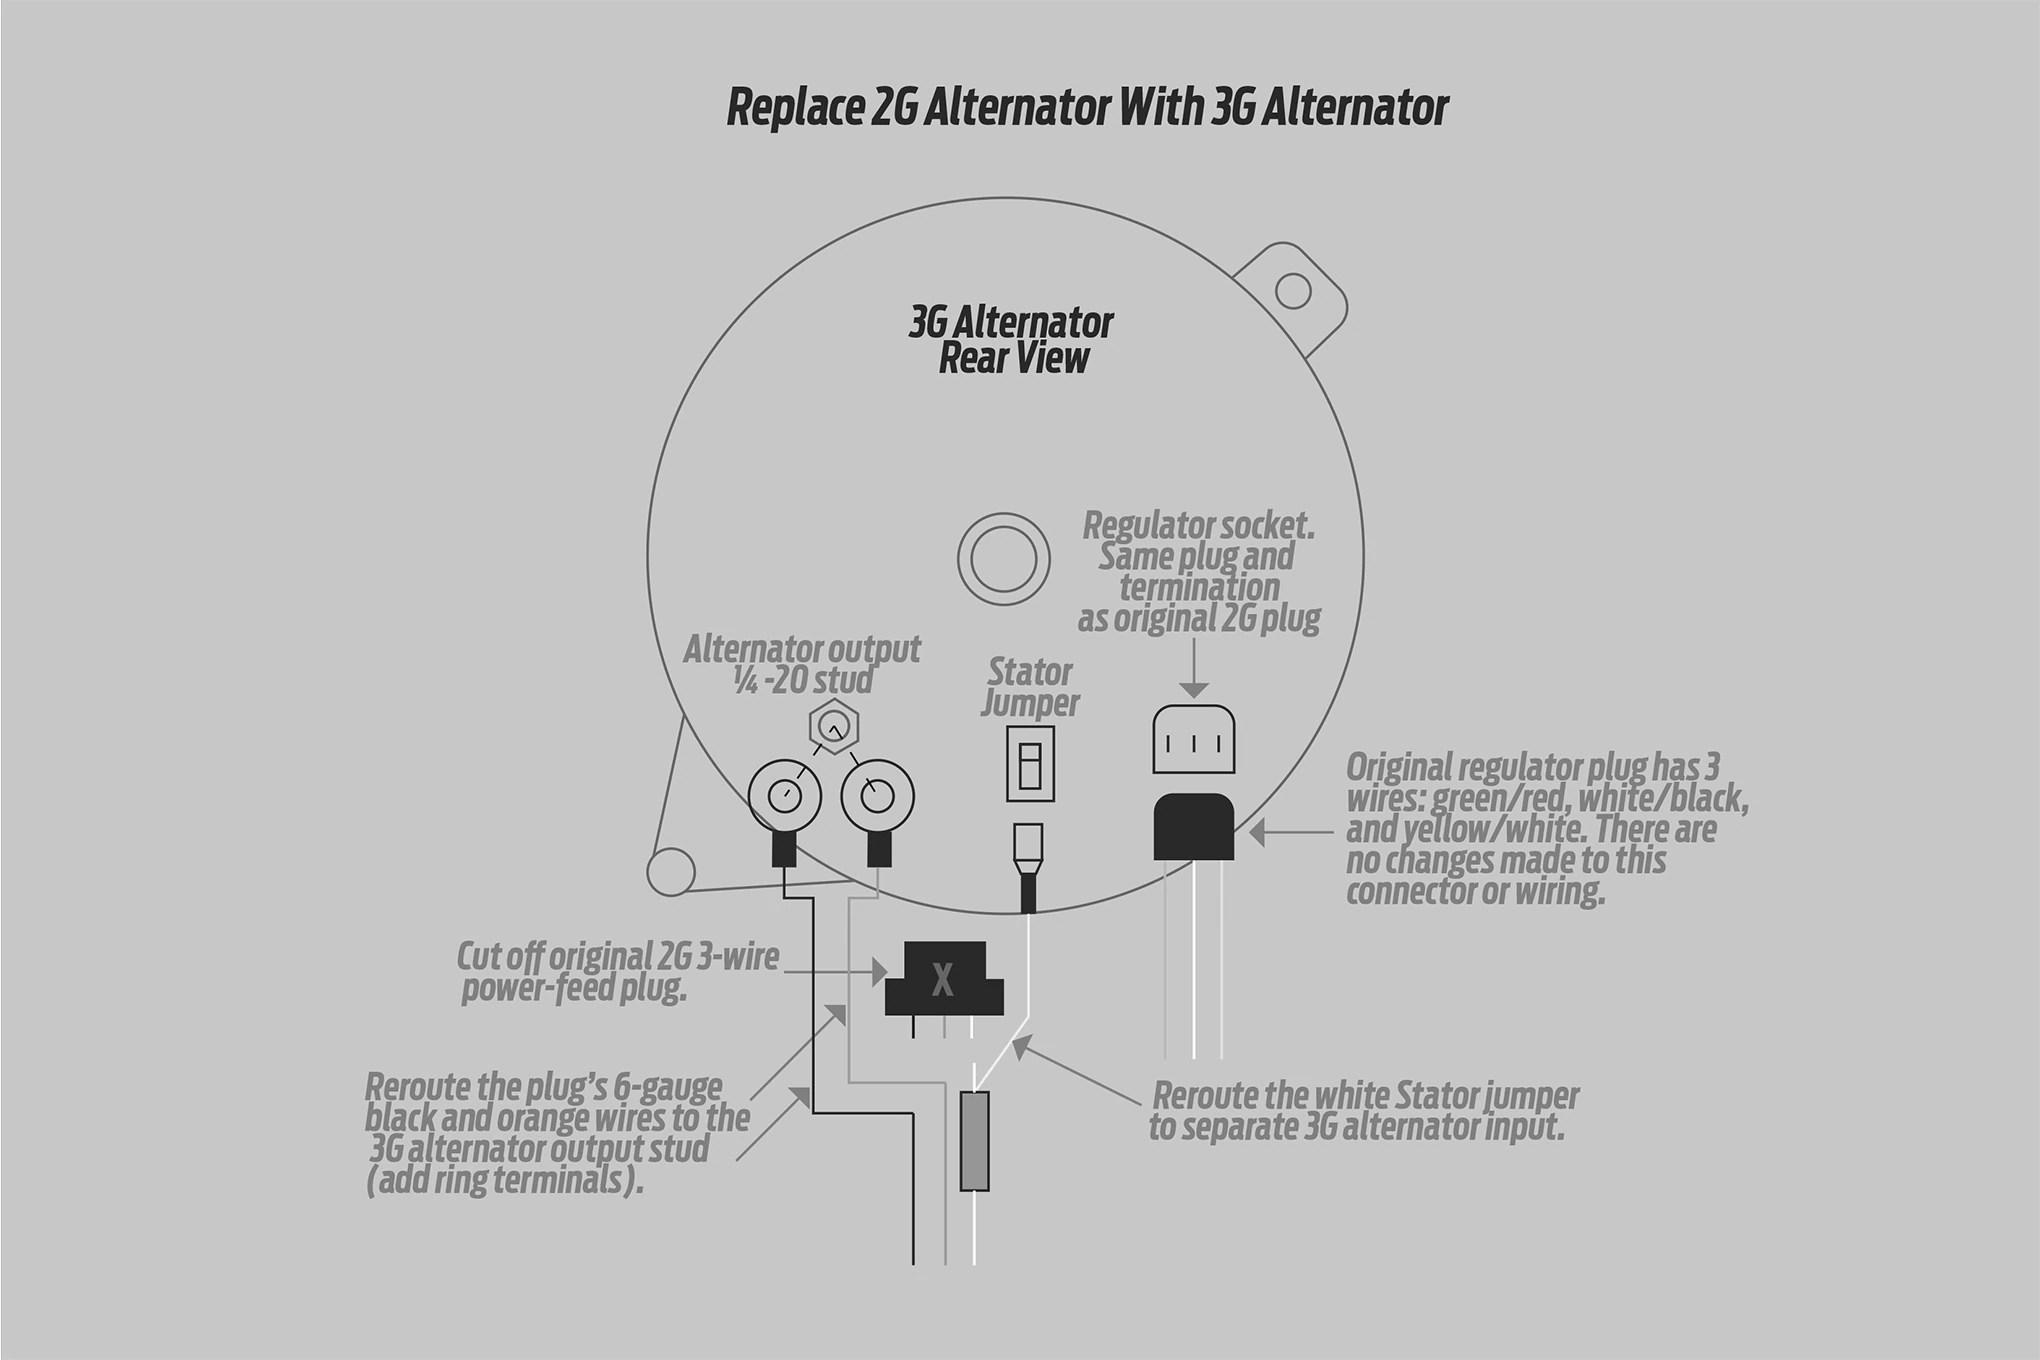 medium resolution of ford 2g alternator wiring wiring diagram mega ford 2g alternator wiring